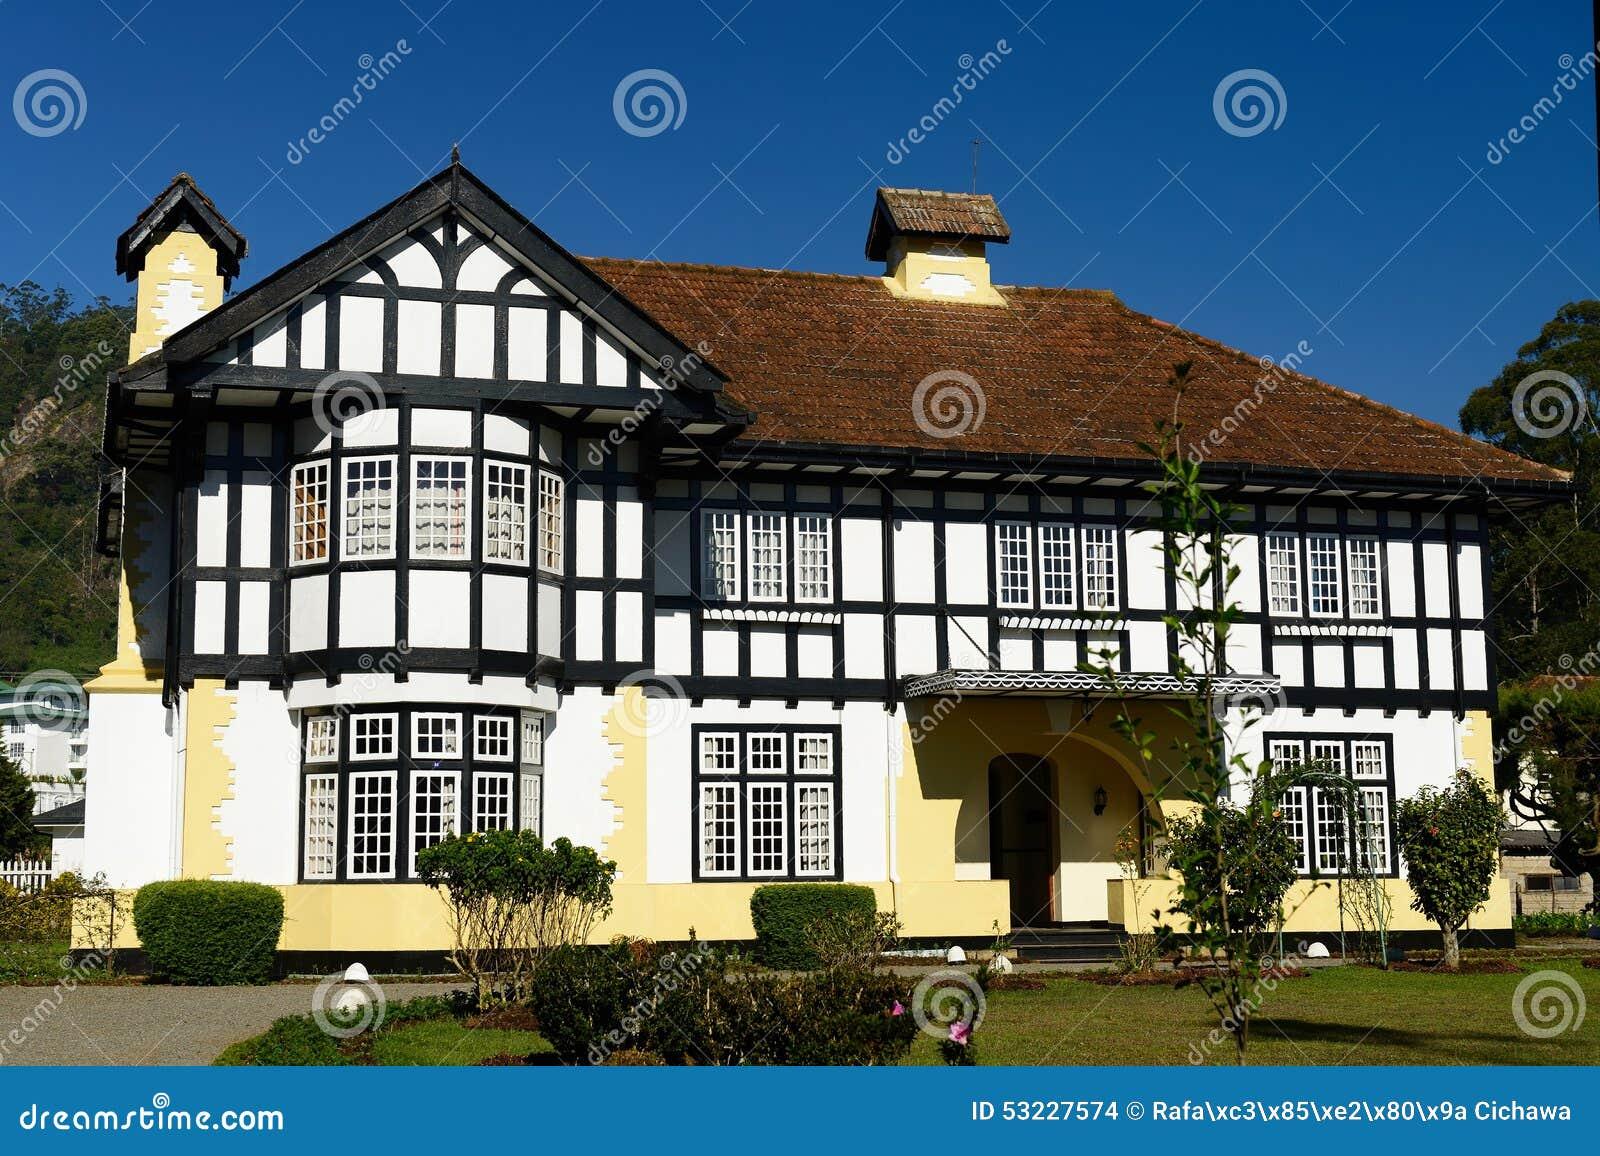 Architettura del coloniale dello sri lanka fotografia for Casa coloniale meridionale